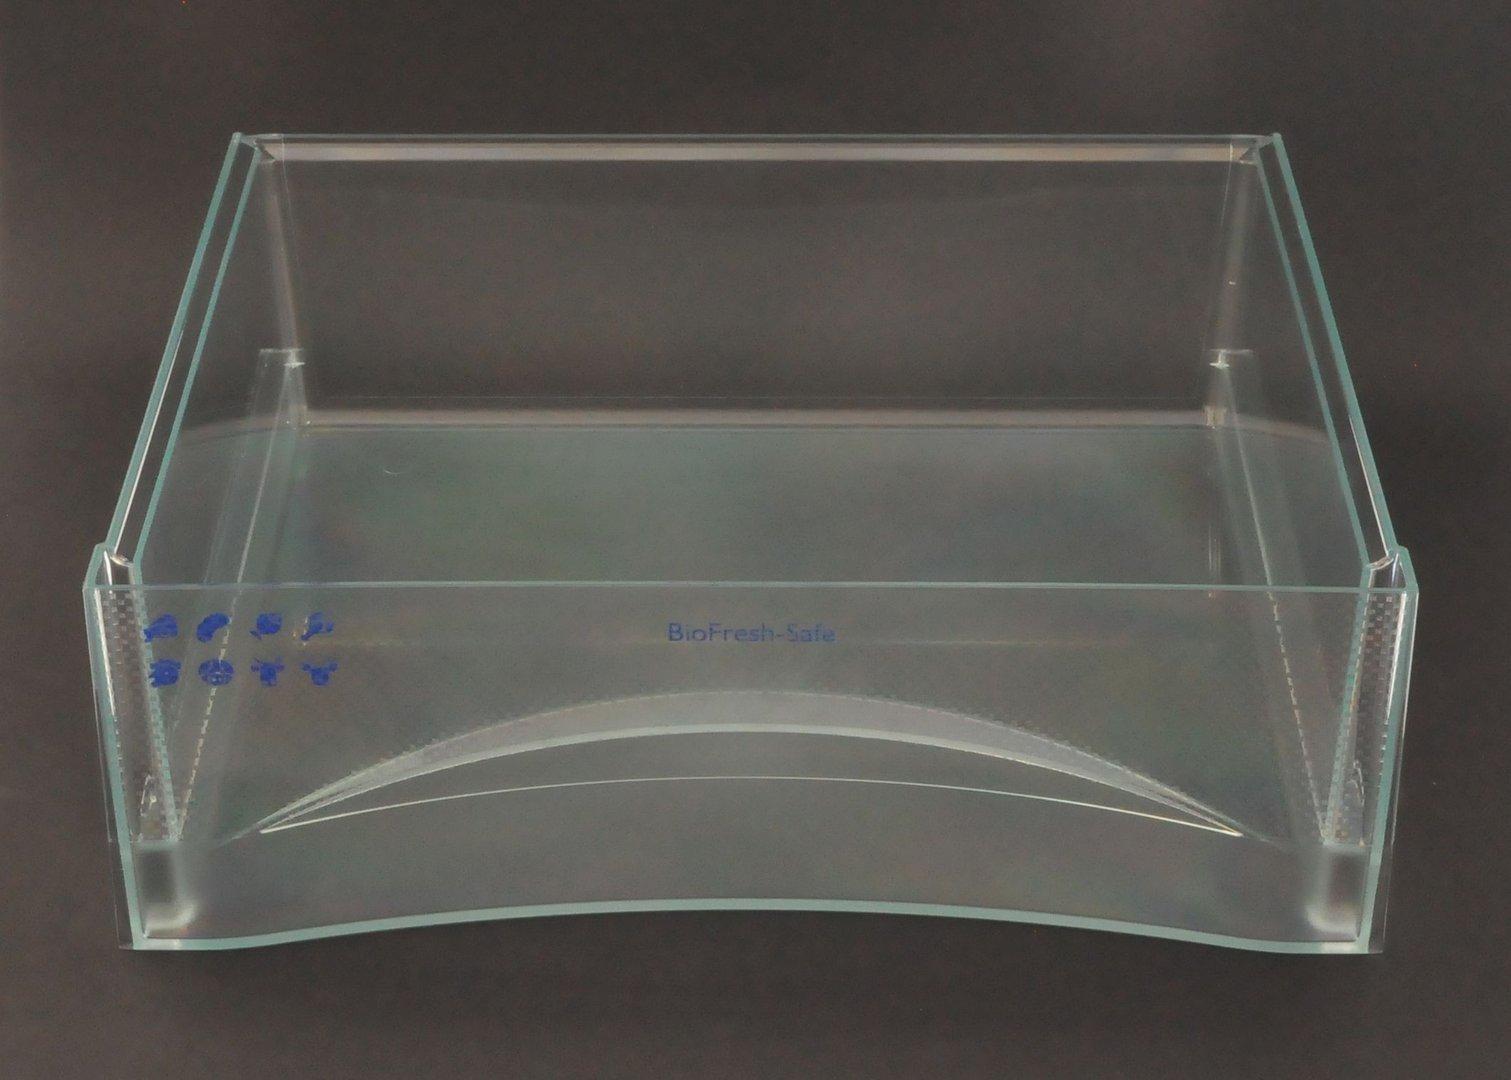 Siemens Kühlschrank Wasser Unter Gemüsefach : Liebherr biofresh safe schublade gemüseschale kühlschrank 9791272